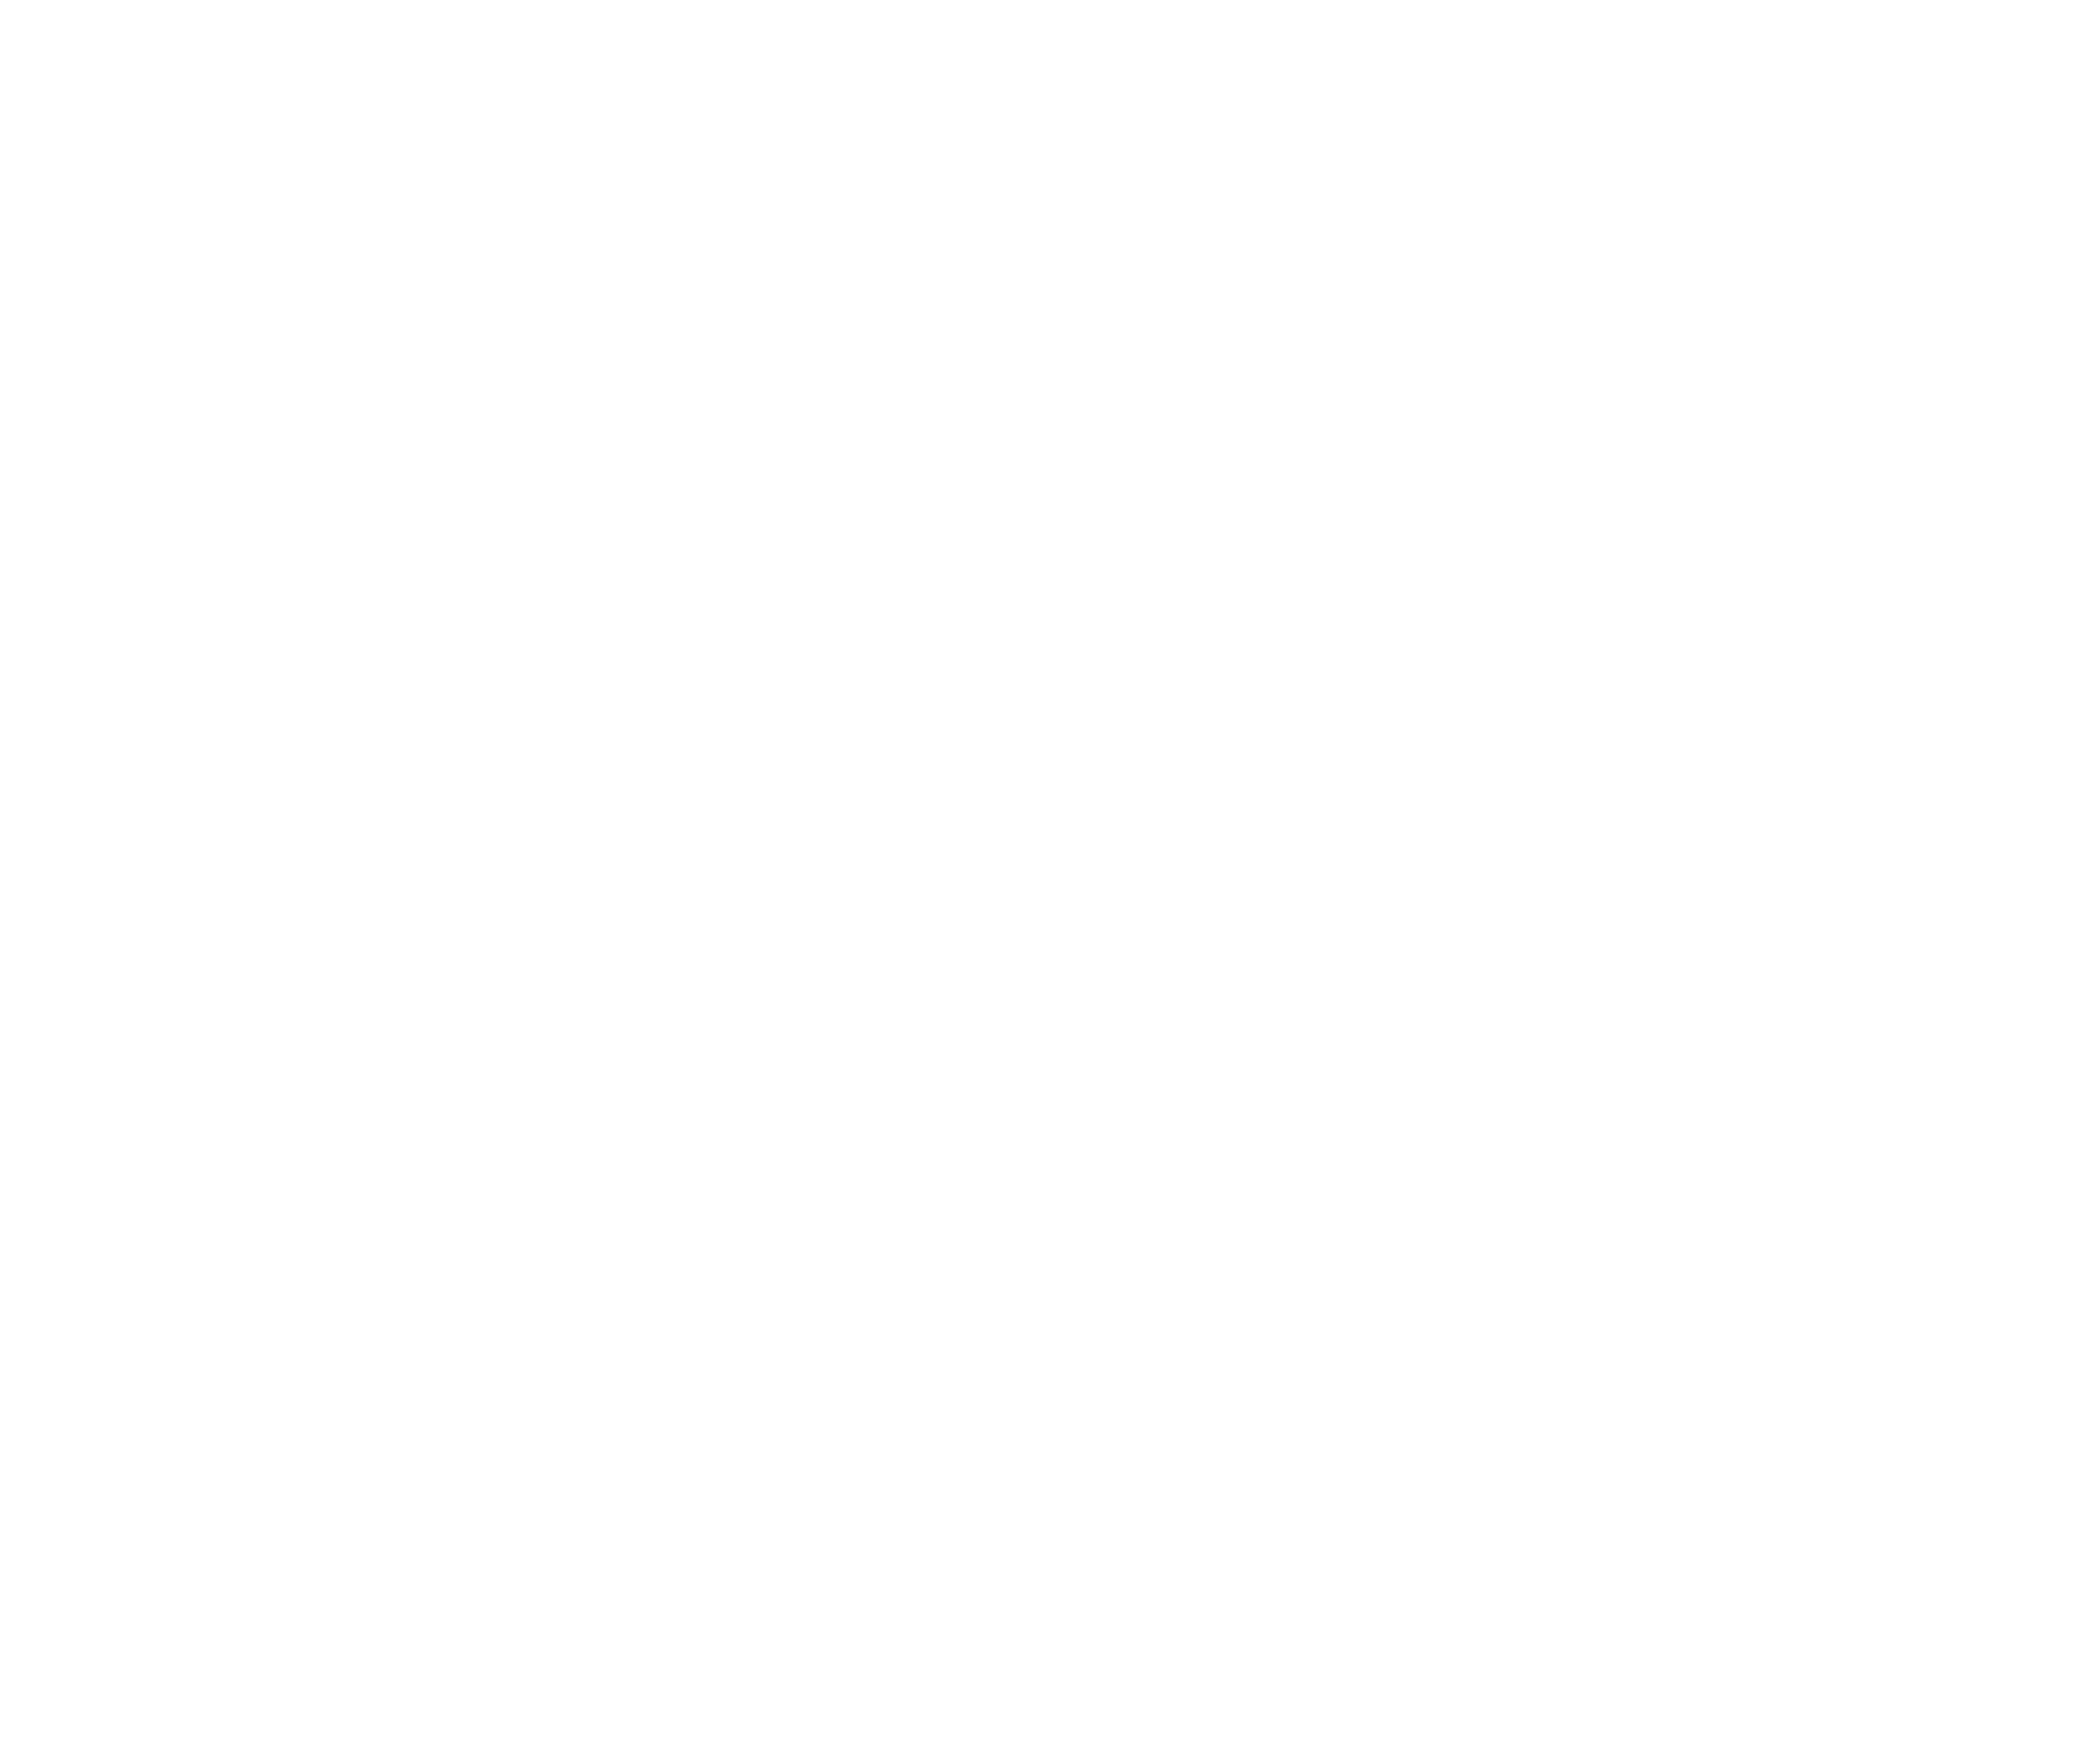 DVS Ongediertebestrijding - Bevelanden, Zeeland